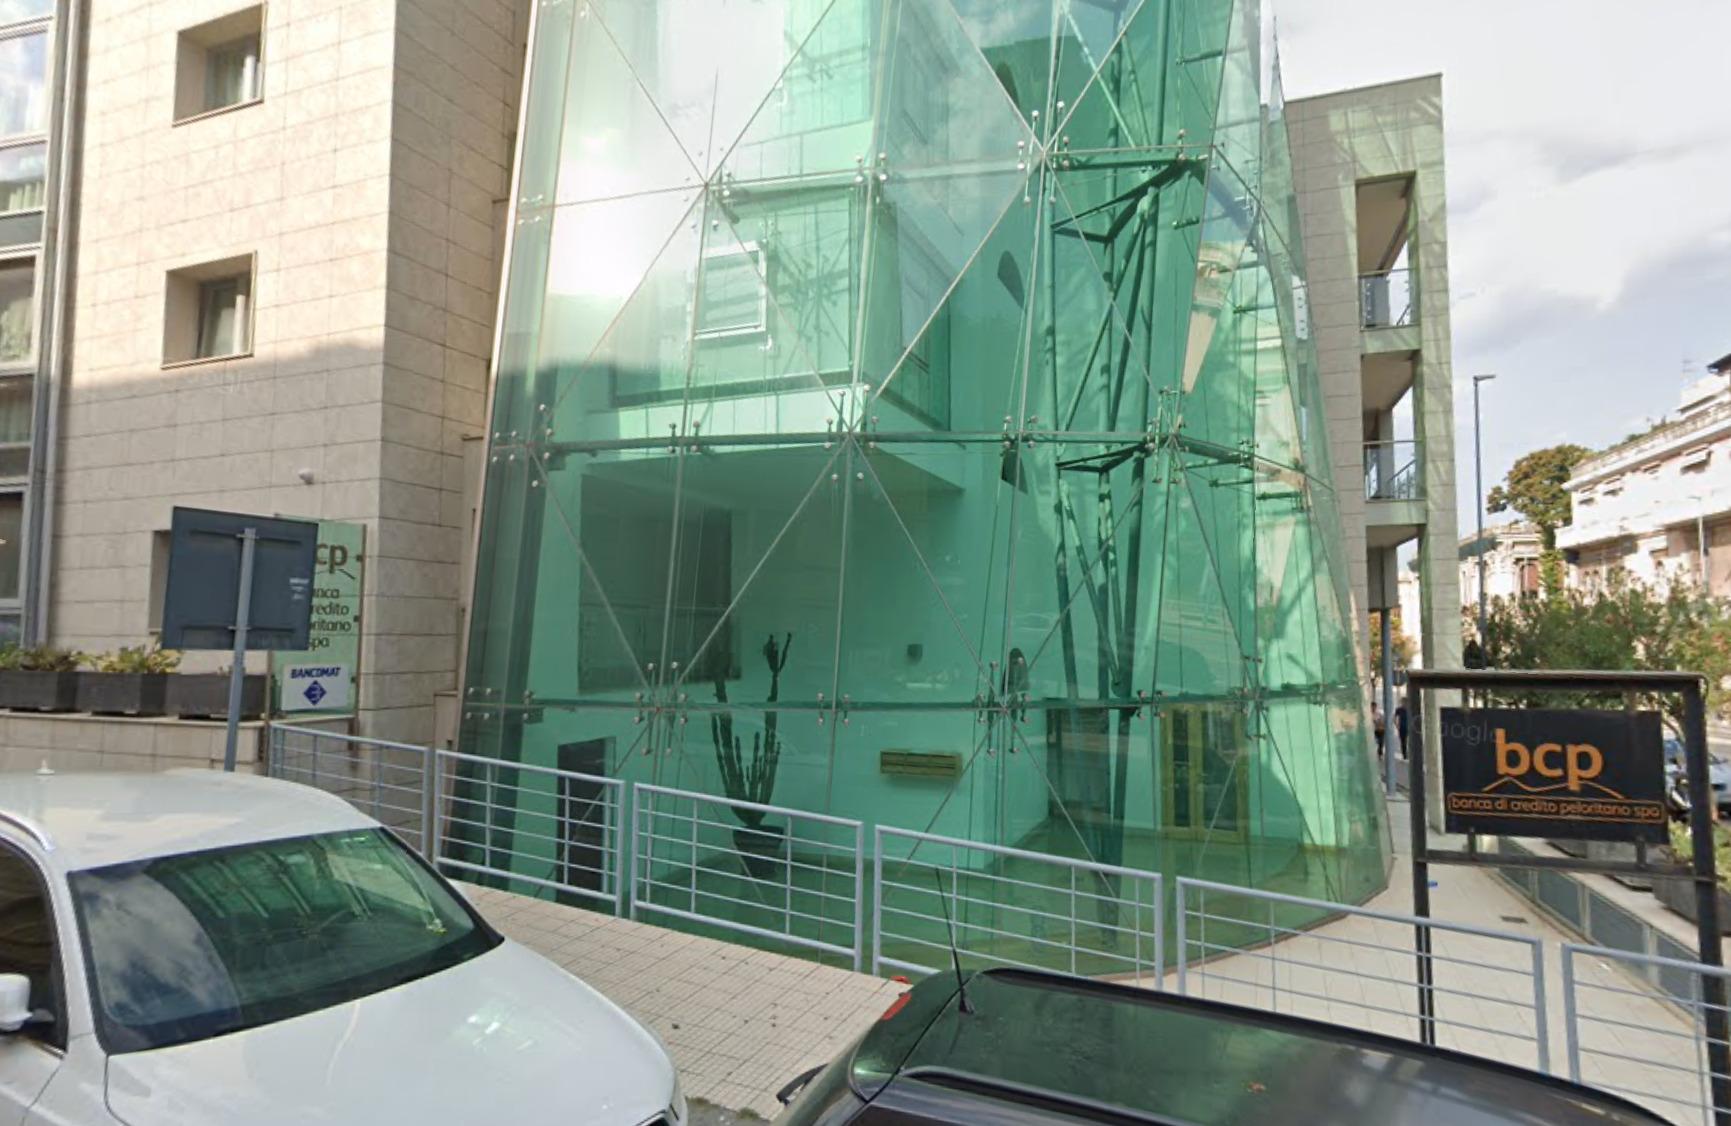 Banca di Credito Peloritano, 17 indagati e perquisizione in corso: criminalità organizzata, riciclaggio e ricettazione le accuse